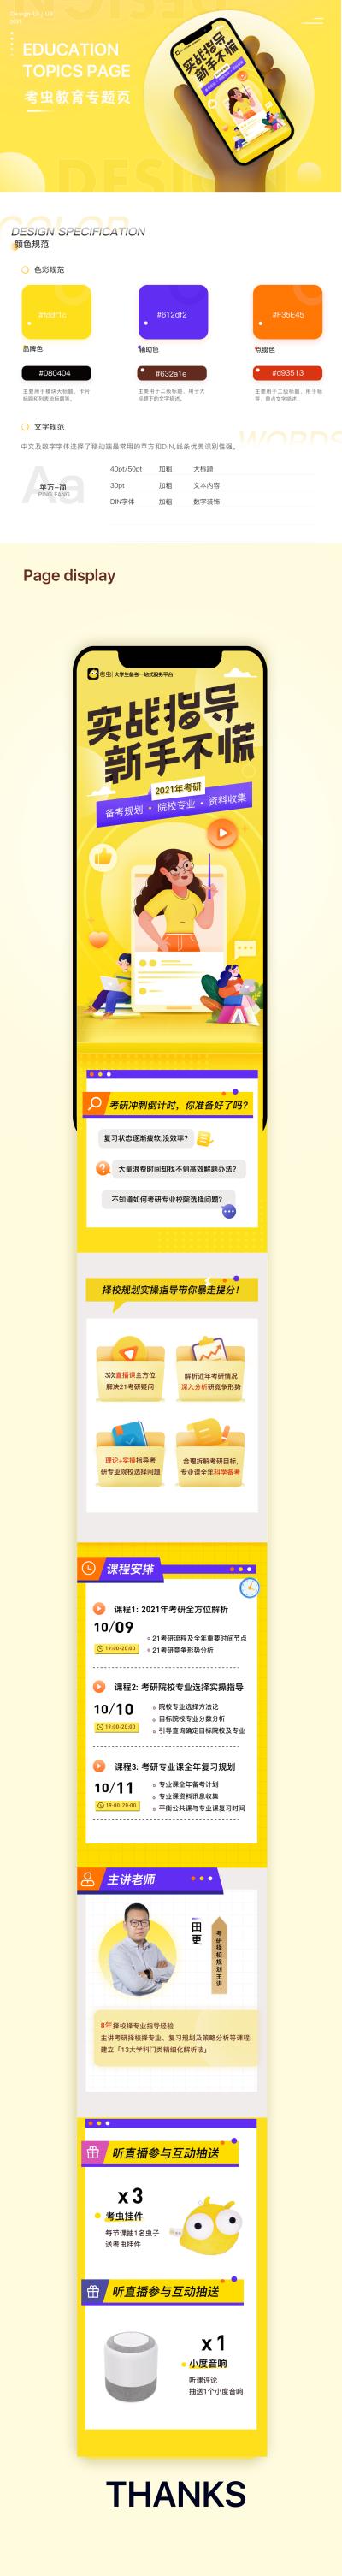 UI界面---考虫活动界面更新